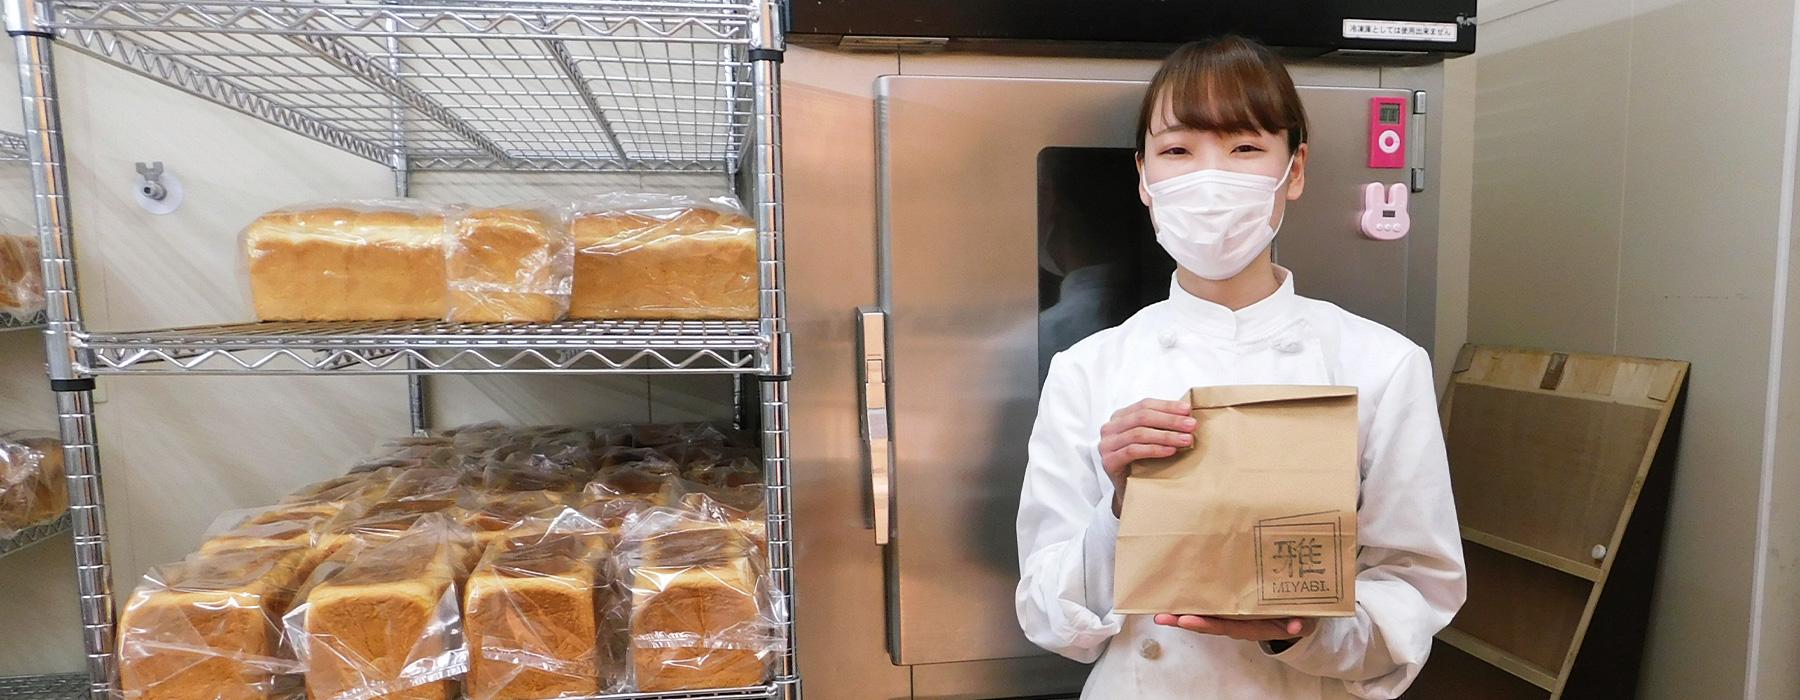 boulangerie 雅